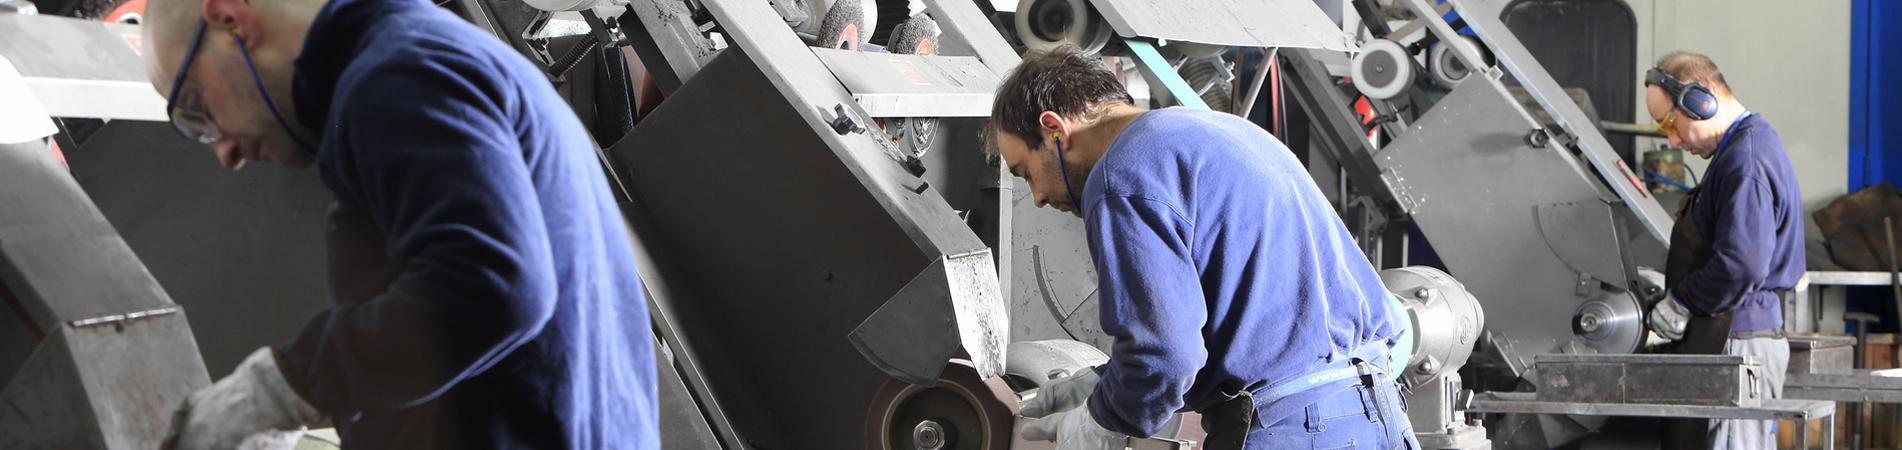 Pulido de metal y la eliminación de rebabas en cualquier tipo de metal